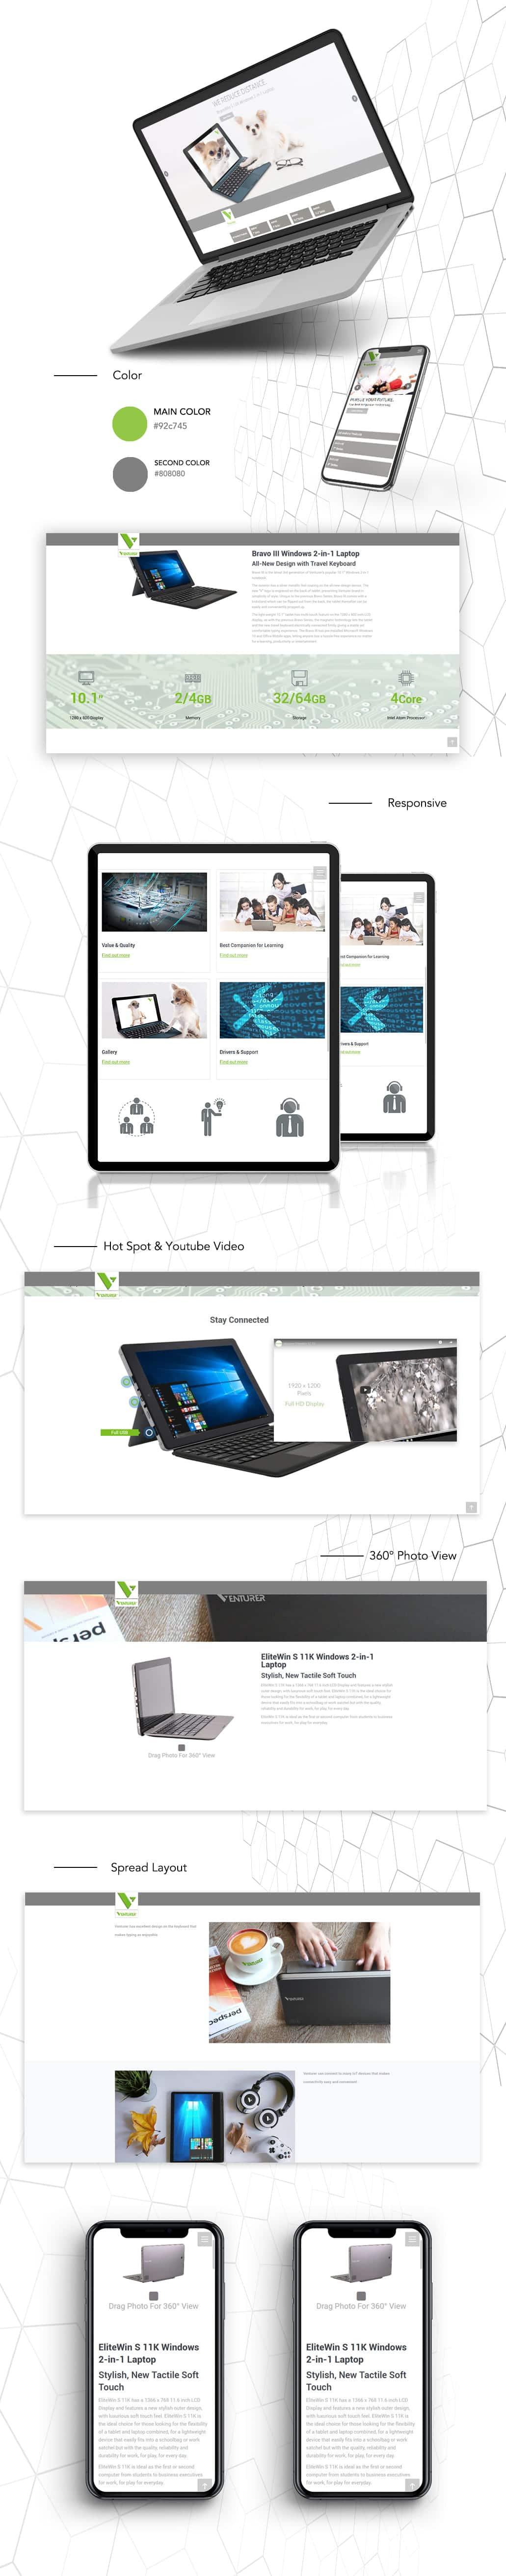 香港顯示器網站